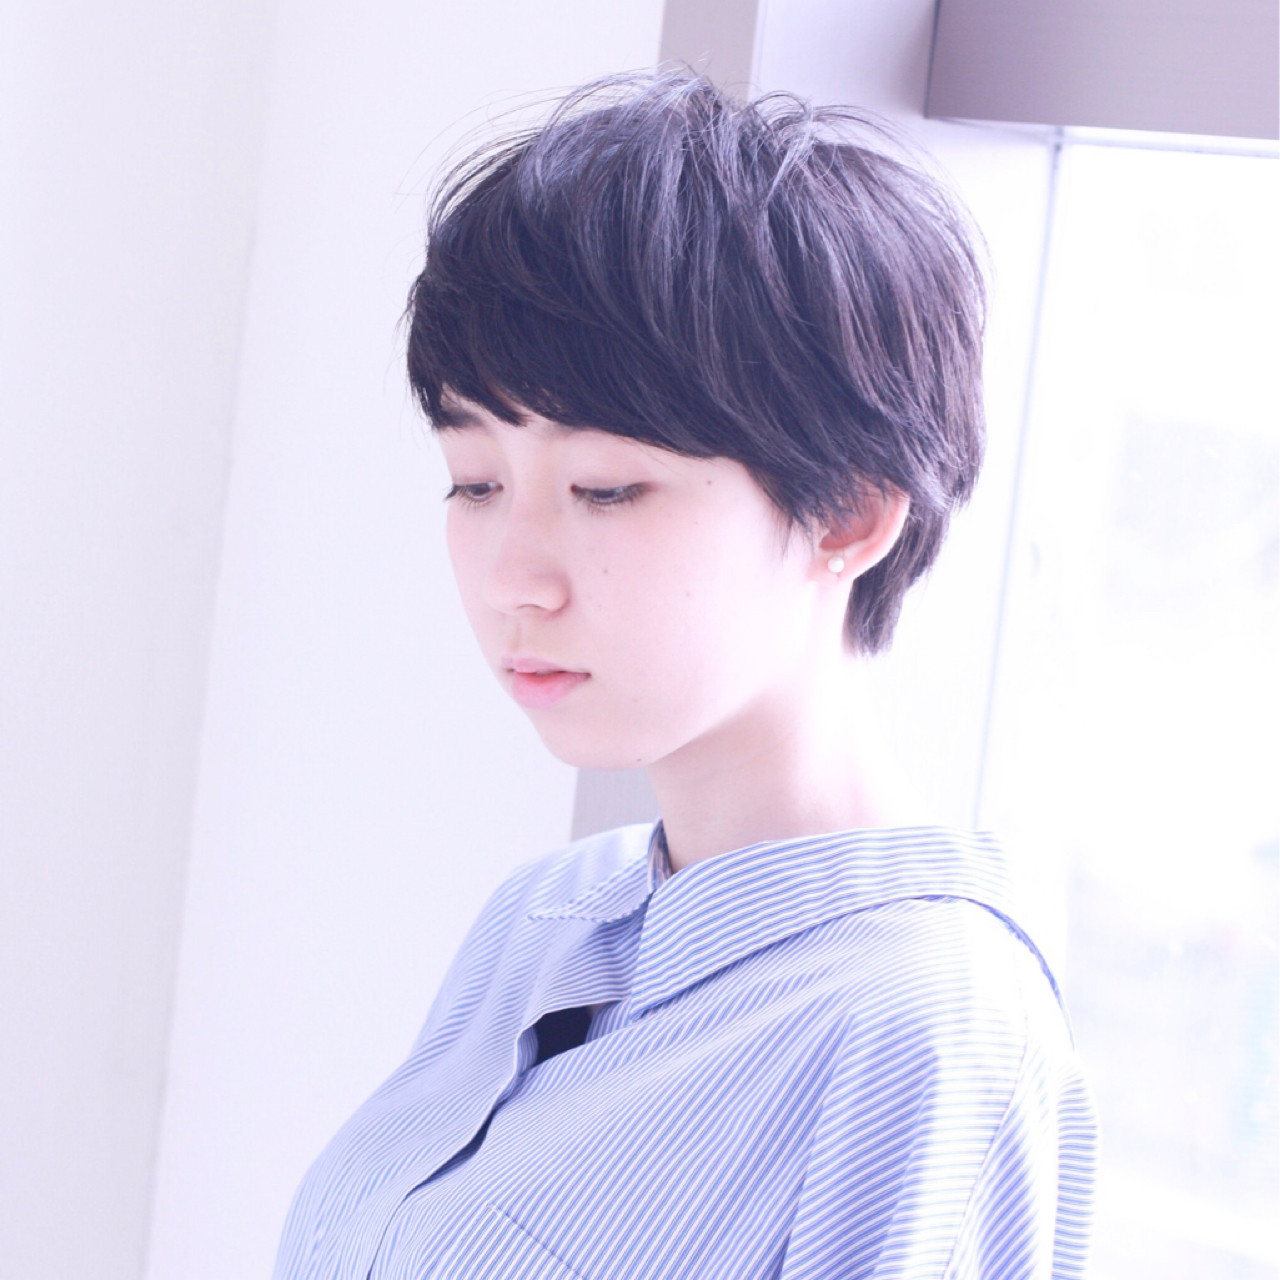 ショート 黒髪 ナチュラル ピュア ヘアスタイルや髪型の写真・画像